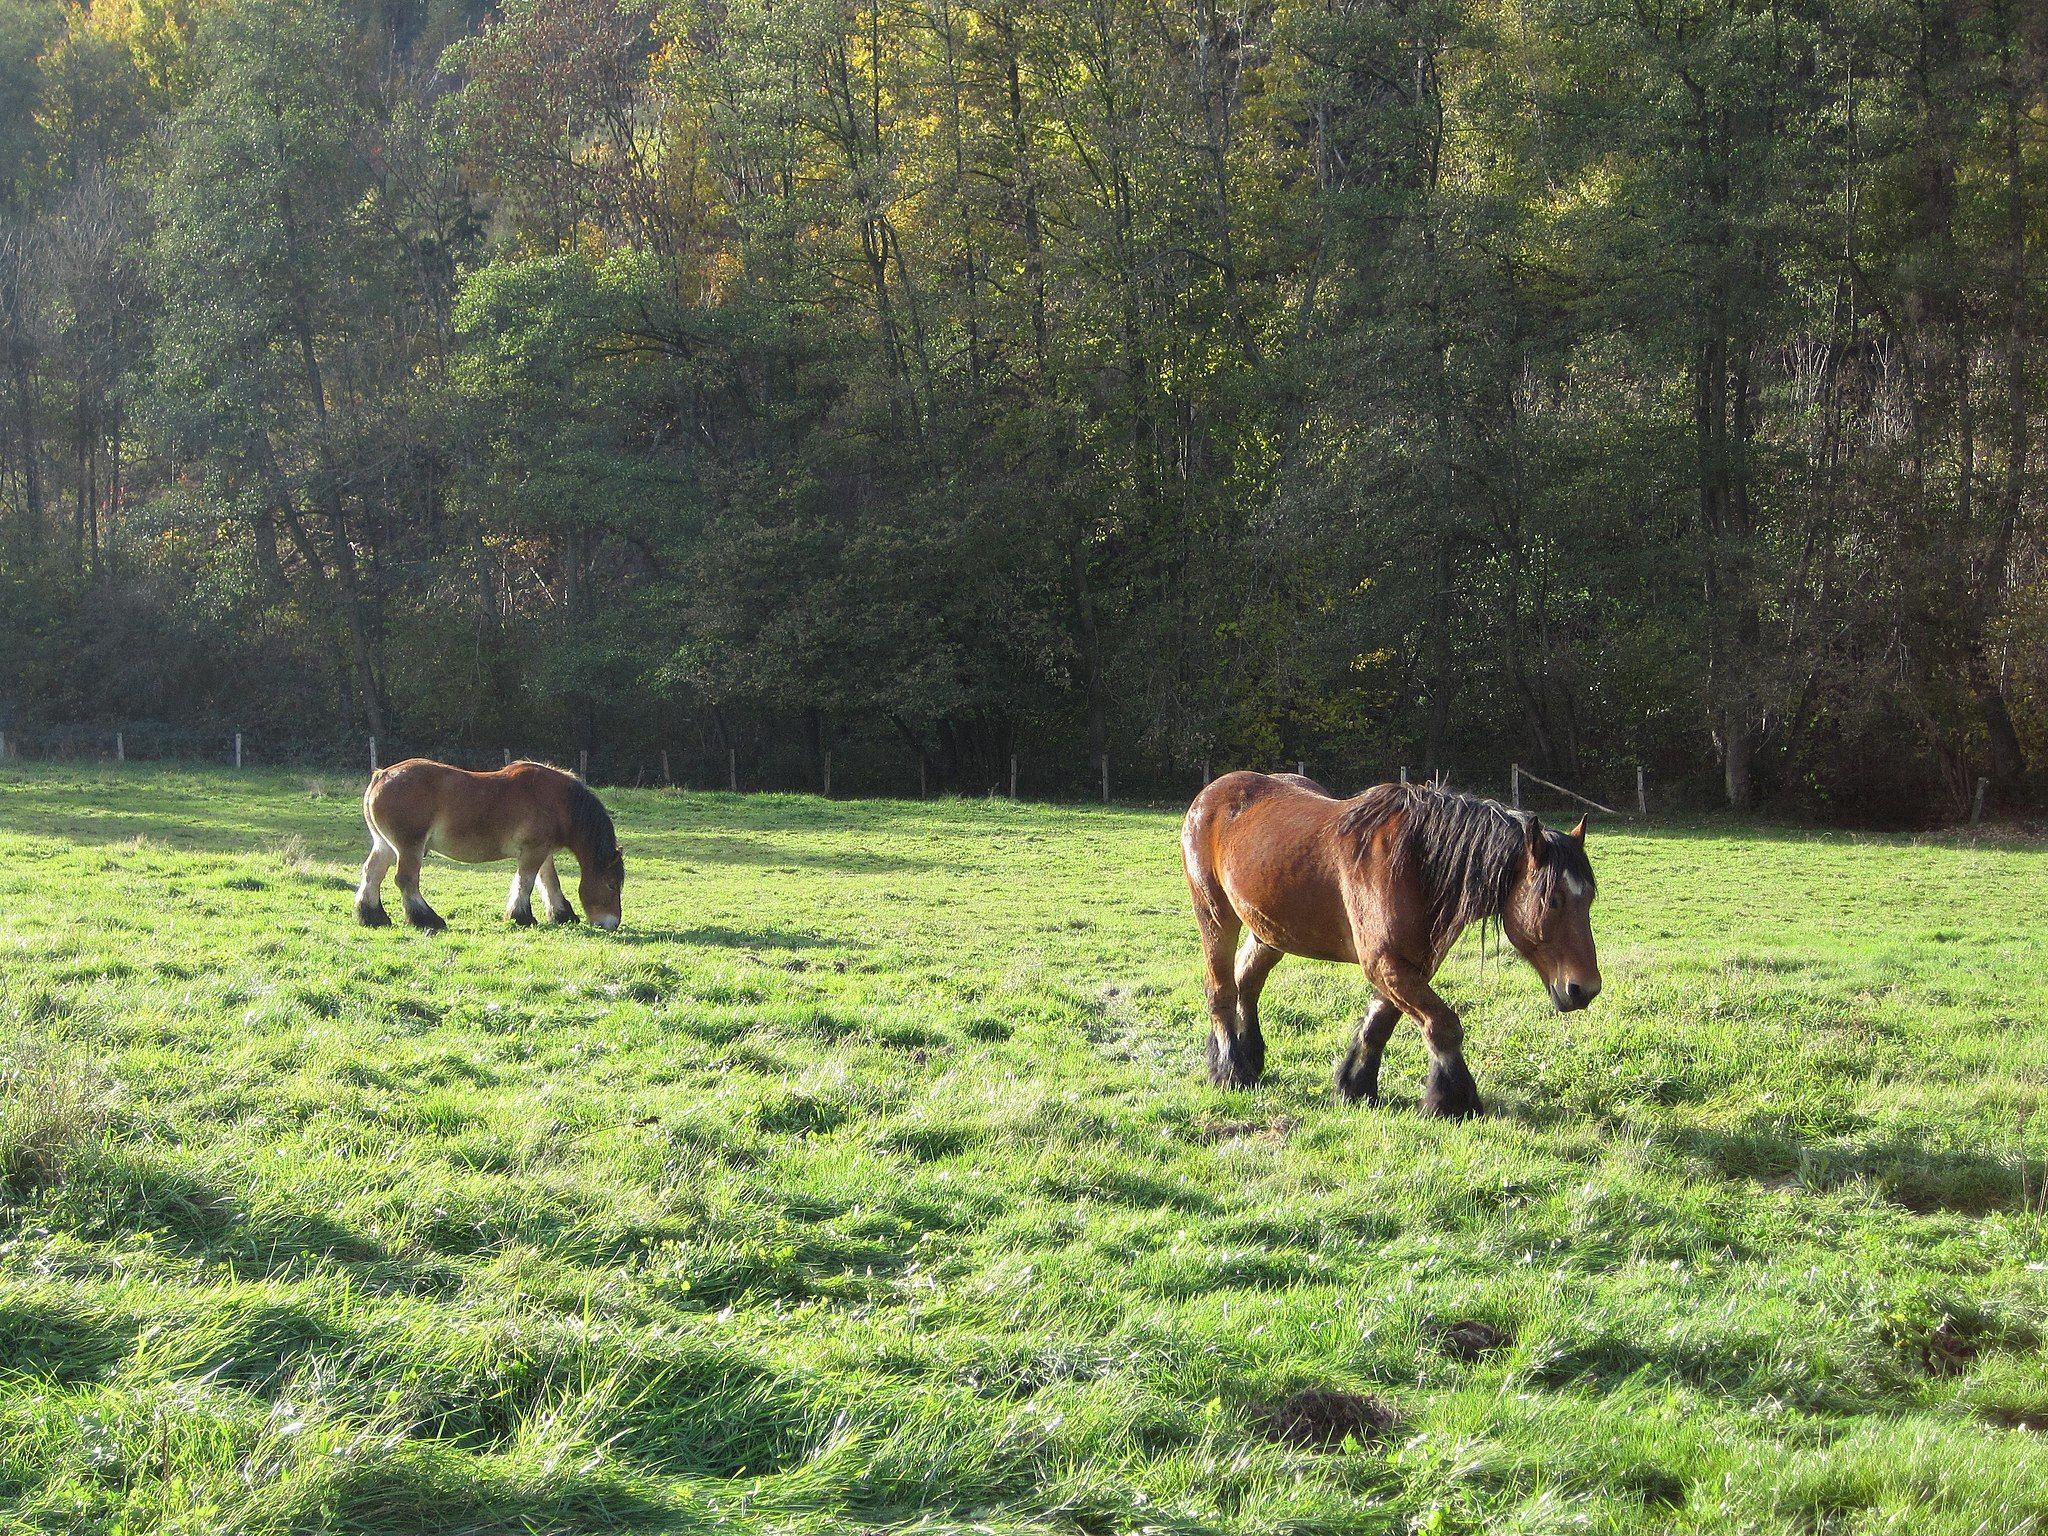 Gartenstraucher Bluhend Winterhart Sanitar Bietigheim Bissingen Vitrinenschrank Glas Horses Draft Horses Animals